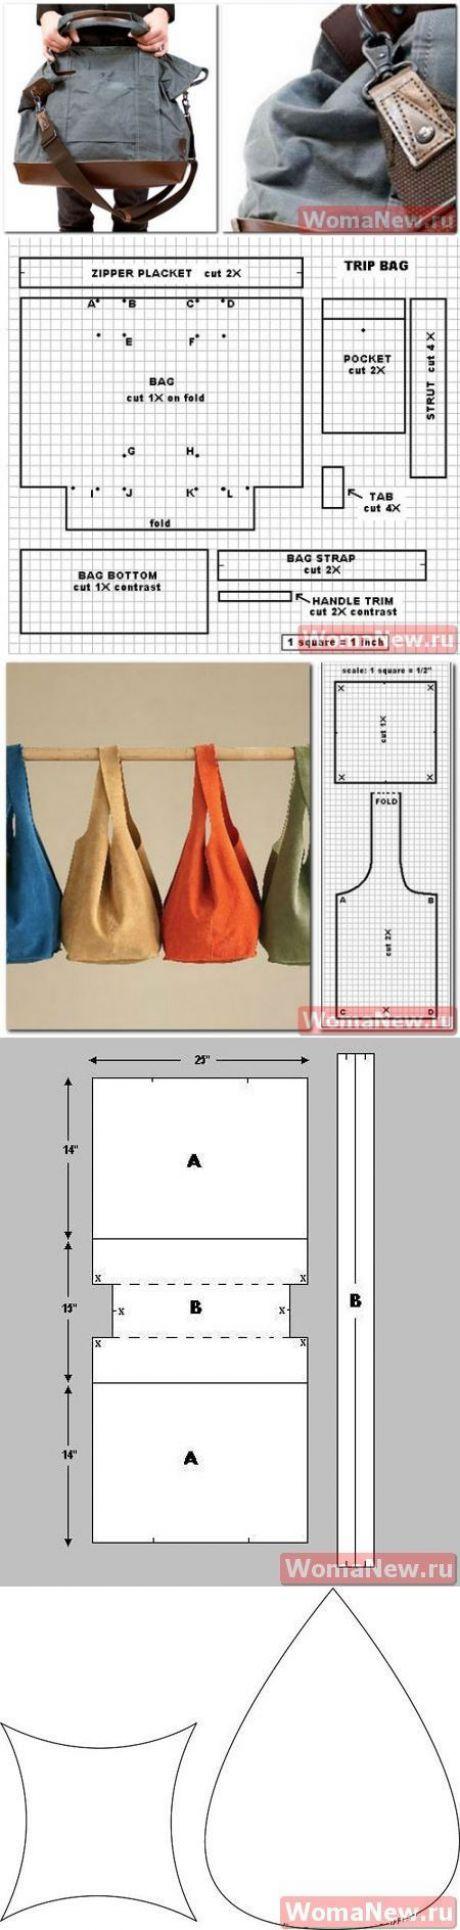 Как сделать слесарный верстак своими руками фото 183